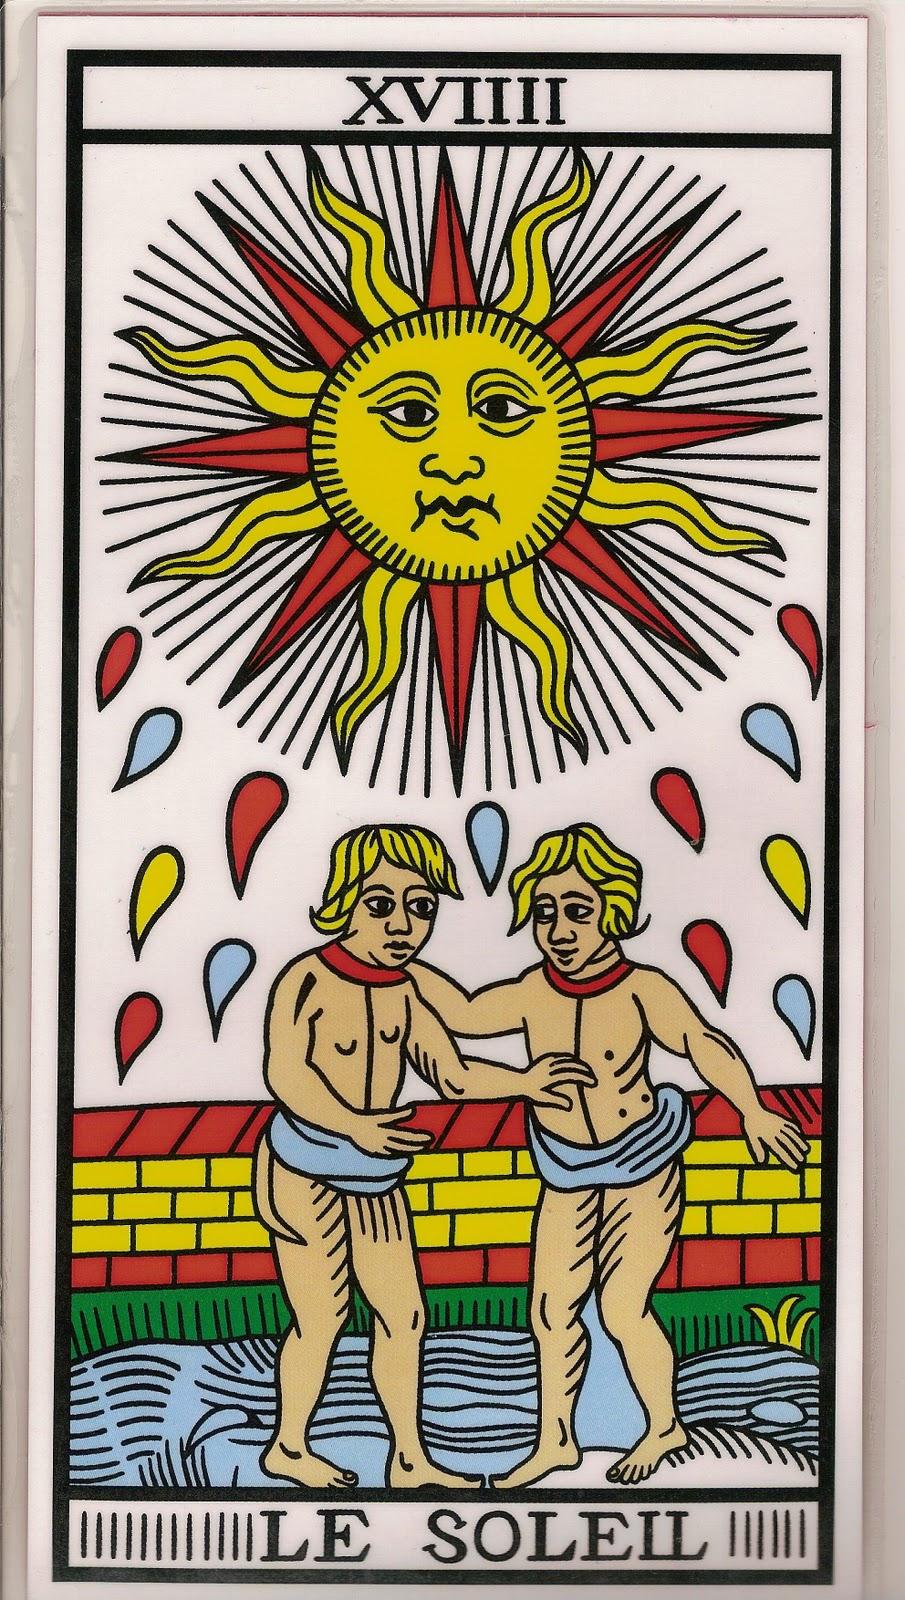 El Sol en el tarot: la voluntad de brillar #sersiendo